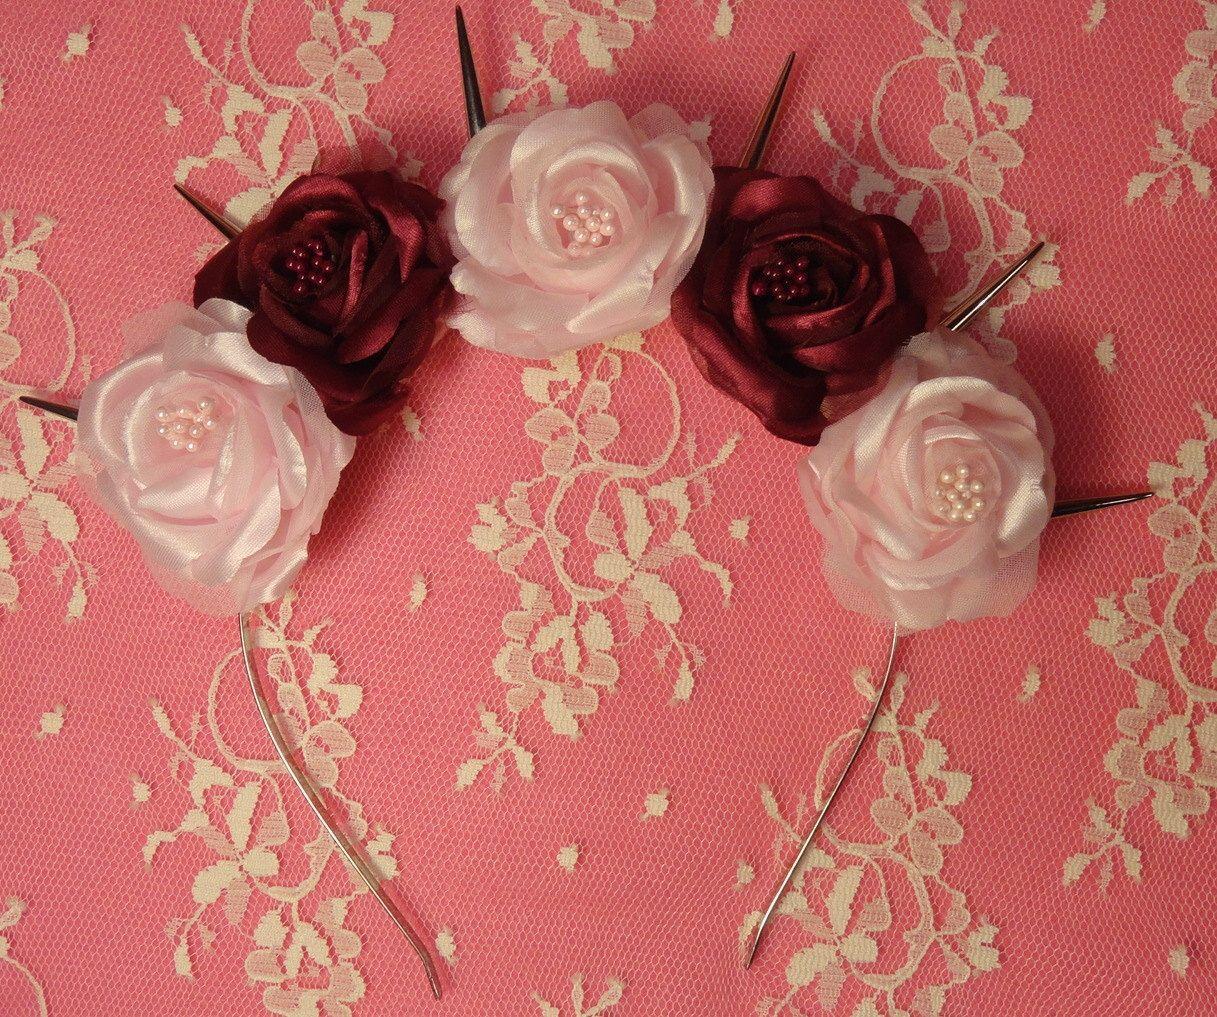 Goth Flower Crown Cherrie Cherie Pastel Goth Flower Crown Pink